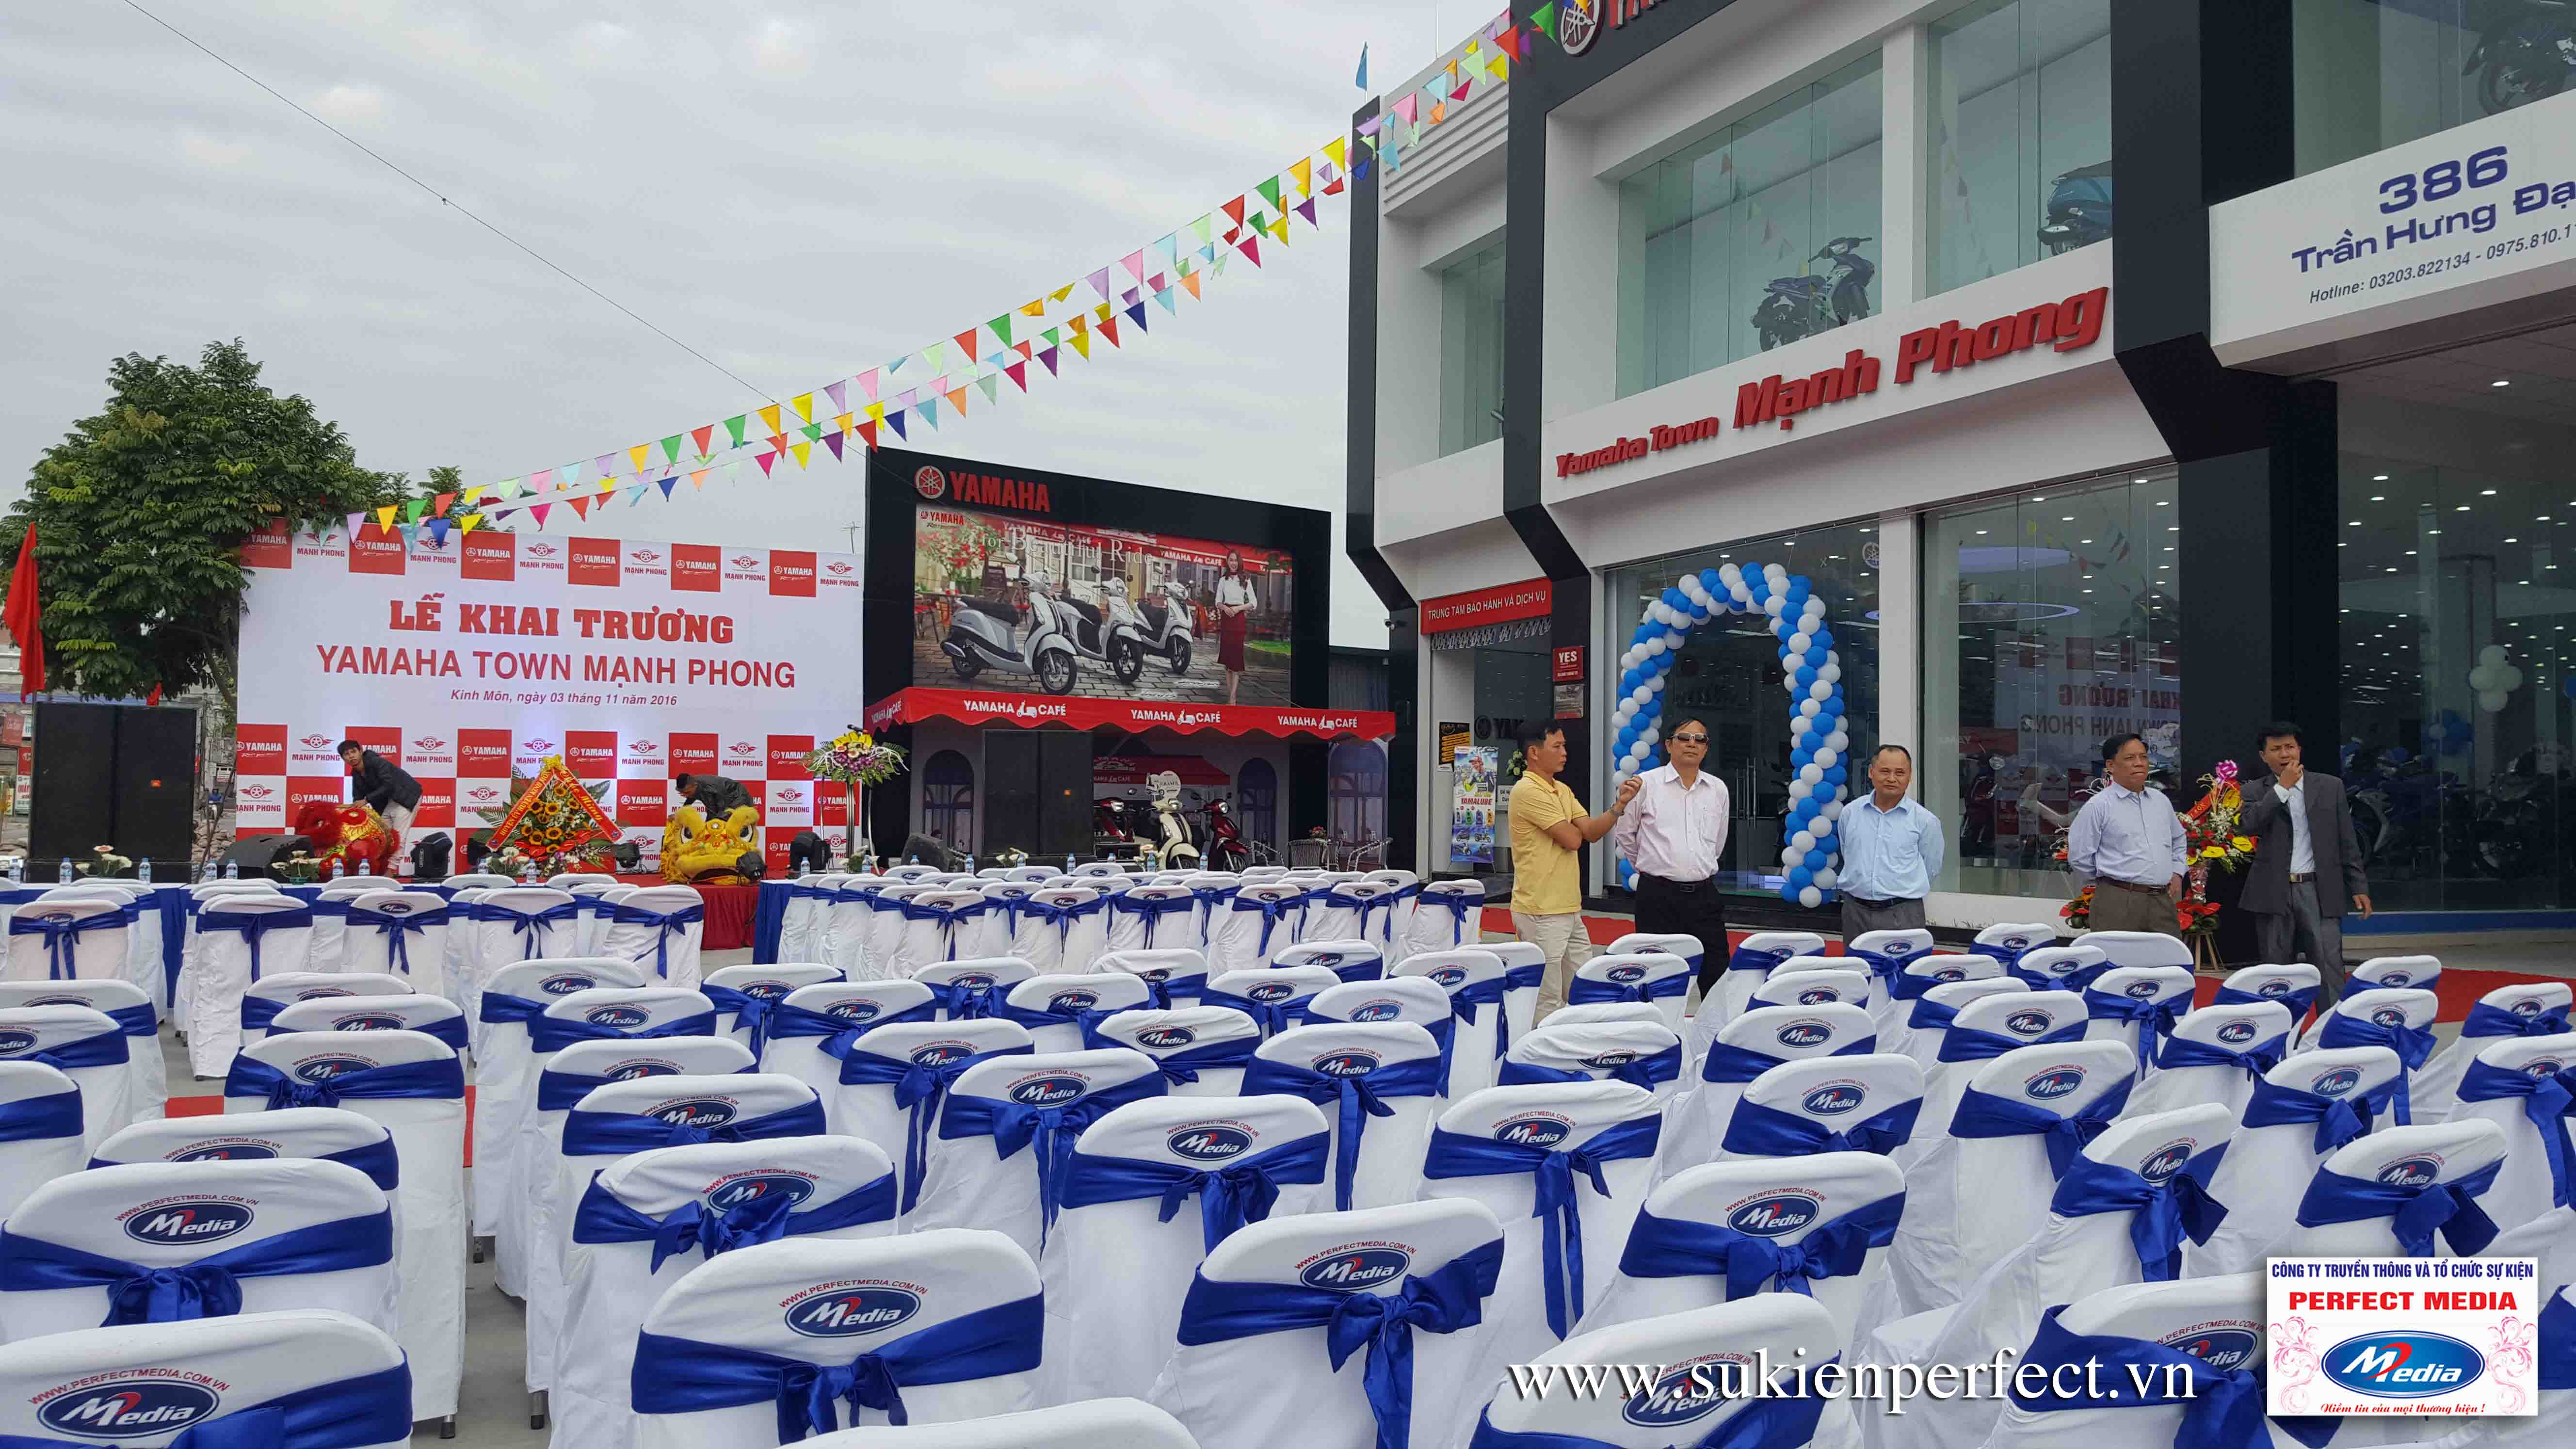 Tổ chức sự kiện Khai trương Yamaha Town Mạnh Phong 02